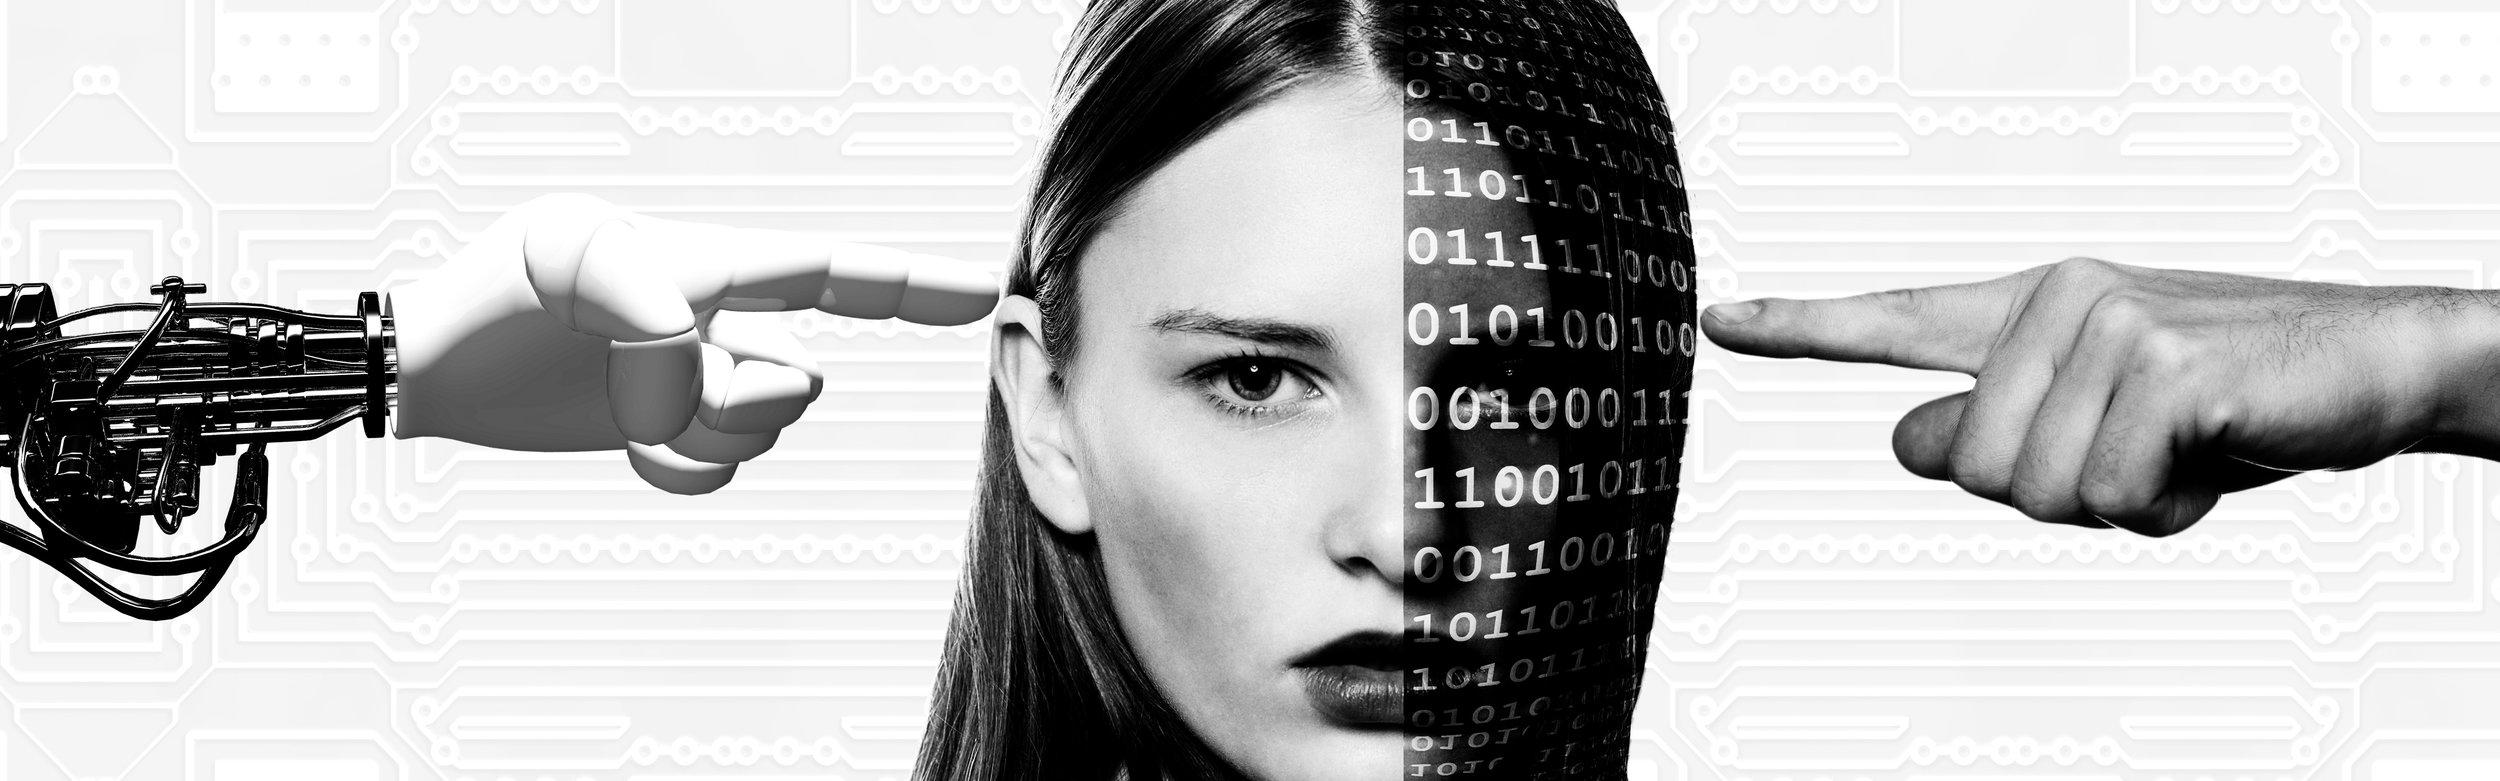 Female Face - Robot Fact.jpg